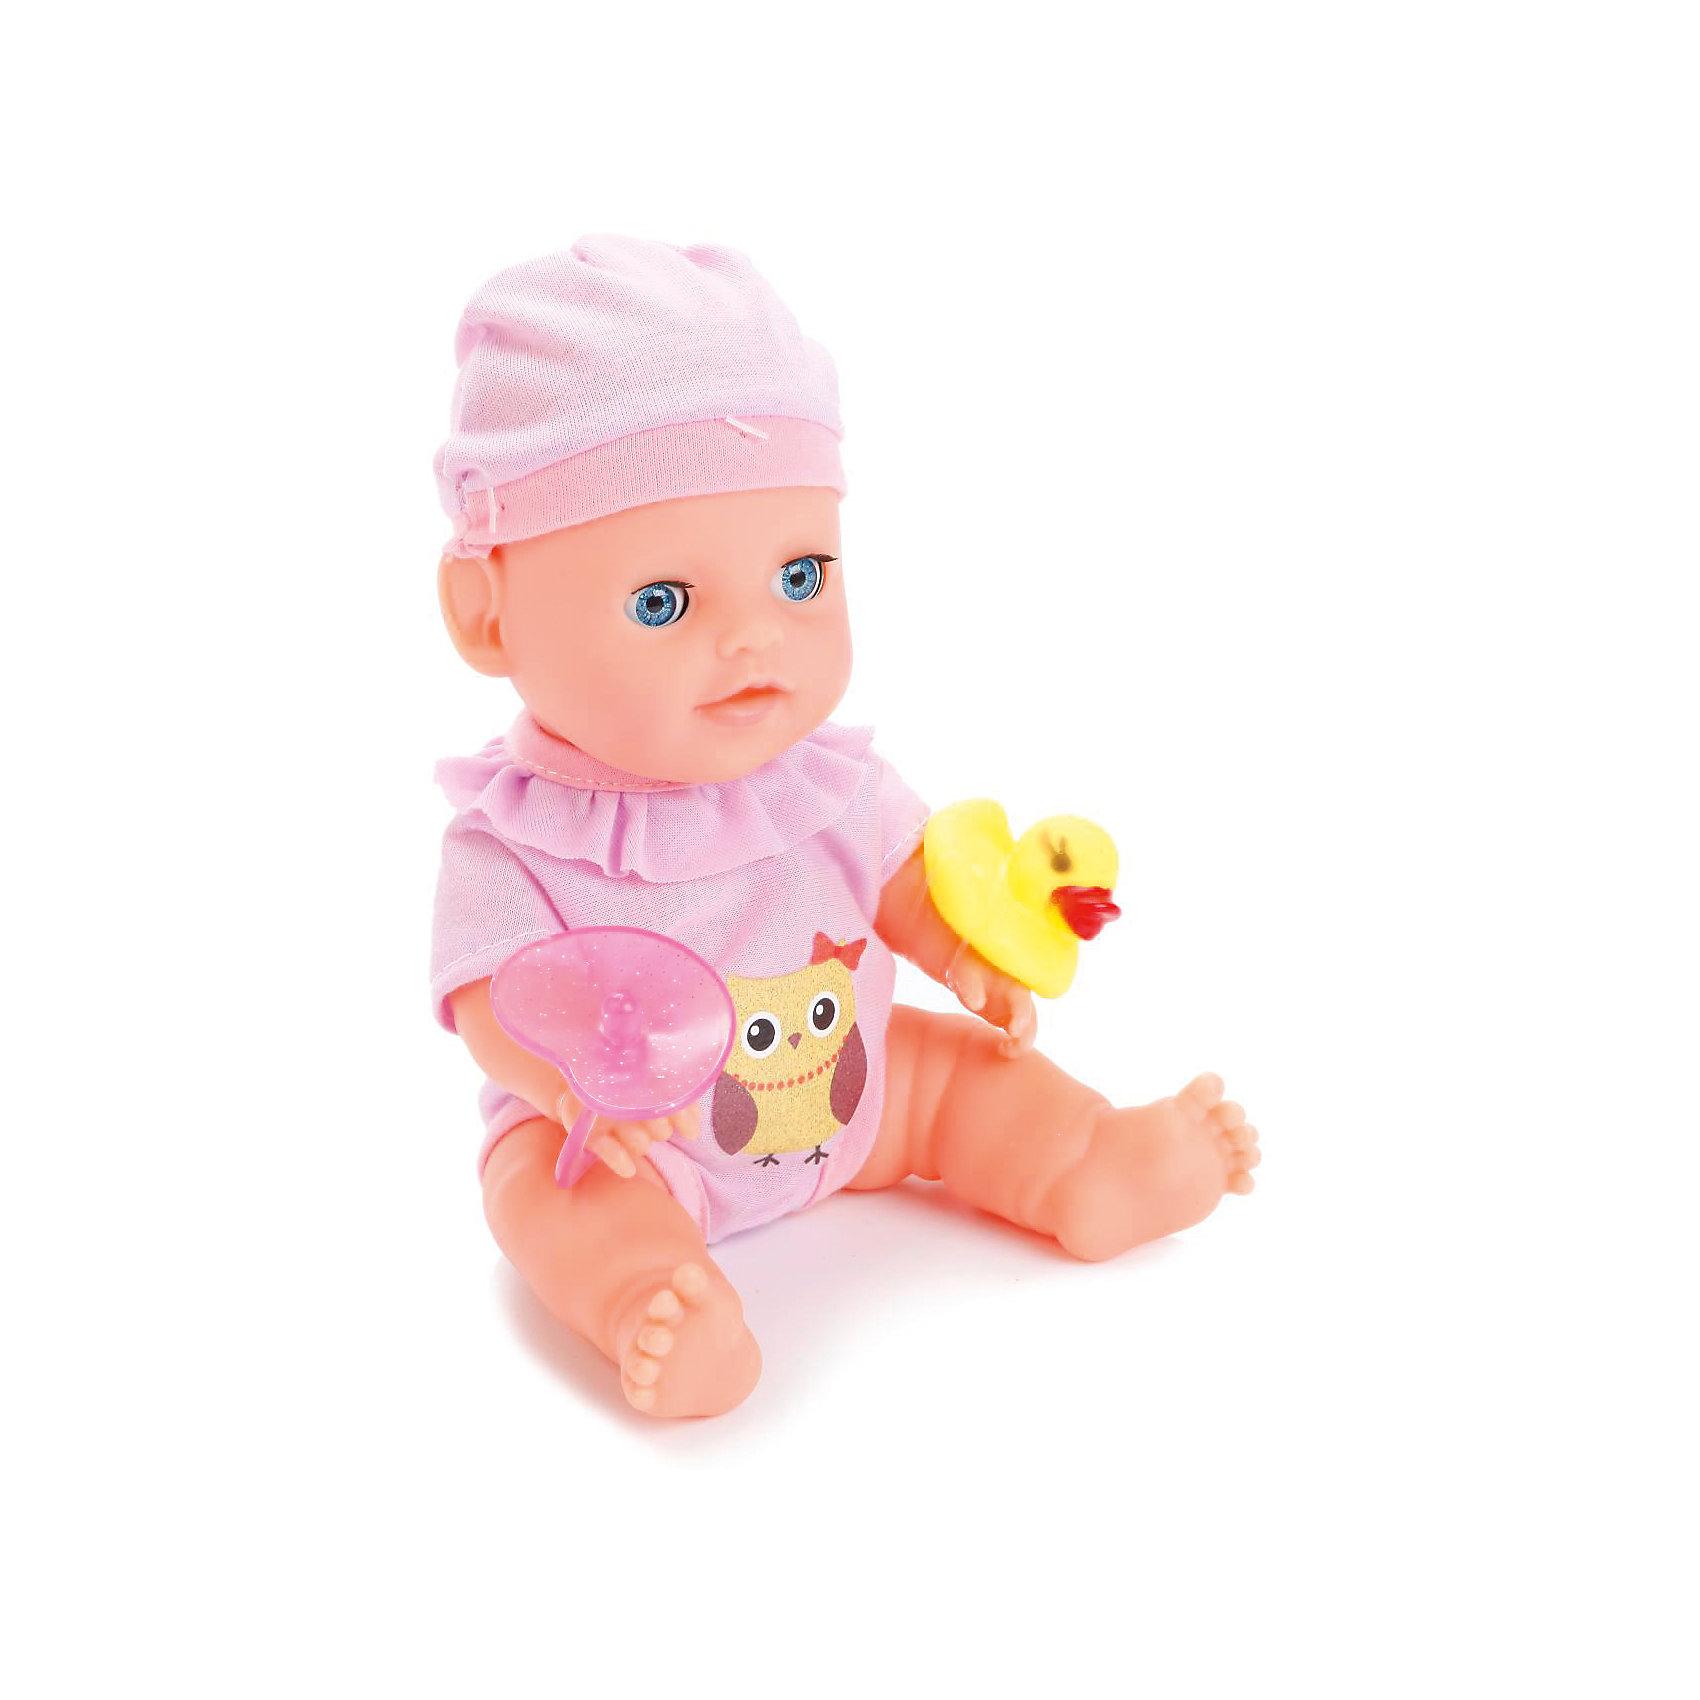 Пупс 20 см, 3 функции, в ванне, с аксессуарами, КарапузКуклы-пупсы<br>Игрушка выполнена в виде реалистичного малыша с выразительными голубыми глазками, пухлыми губками и вздернутым носиком. Пупс одет очень красиво: на нем теплый свитер, мягкие штанишки с белыми носочками, а на голове у него - мягкая шапочках той же цветовой гаммы, что и костюмчик. Игрушка умеет реалистично писать в горшок, если ее сначала напоить водичкой из бутылочки, предусмотренной в комплекте. У пупса подвижные ручки и ножки, поэтому ему можно придавать самые разнообразные позы в процессе игры. При засыпании пупс может закрывать глаза, что несомнено приведет малыша в восторг. Тело игрушки полностью выполнено из пластика, что позволяет малышкам купать любимца в ванной, предусмотренной в комплекте, или брать его с собой во время купания.<br><br>Ширина мм: 75<br>Глубина мм: 58<br>Высота мм: 35<br>Вес г: 580<br>Возраст от месяцев: 36<br>Возраст до месяцев: 60<br>Пол: Женский<br>Возраст: Детский<br>SKU: 6863982